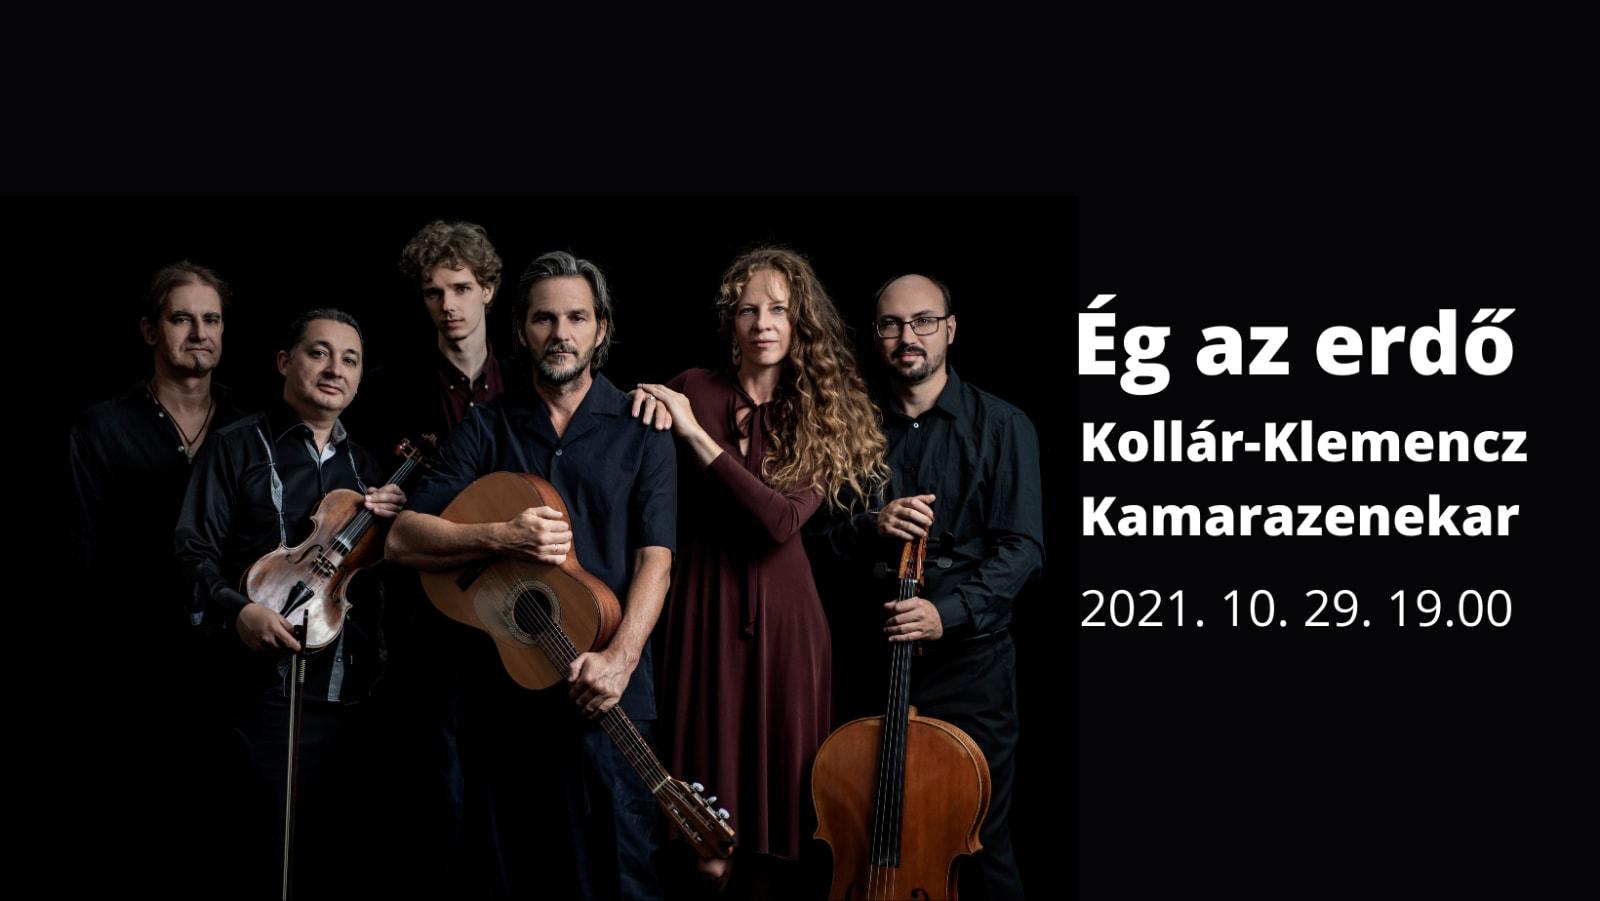 ZENE SZÓVAL - Kollár-Klemencz Kamarazenekar koncert